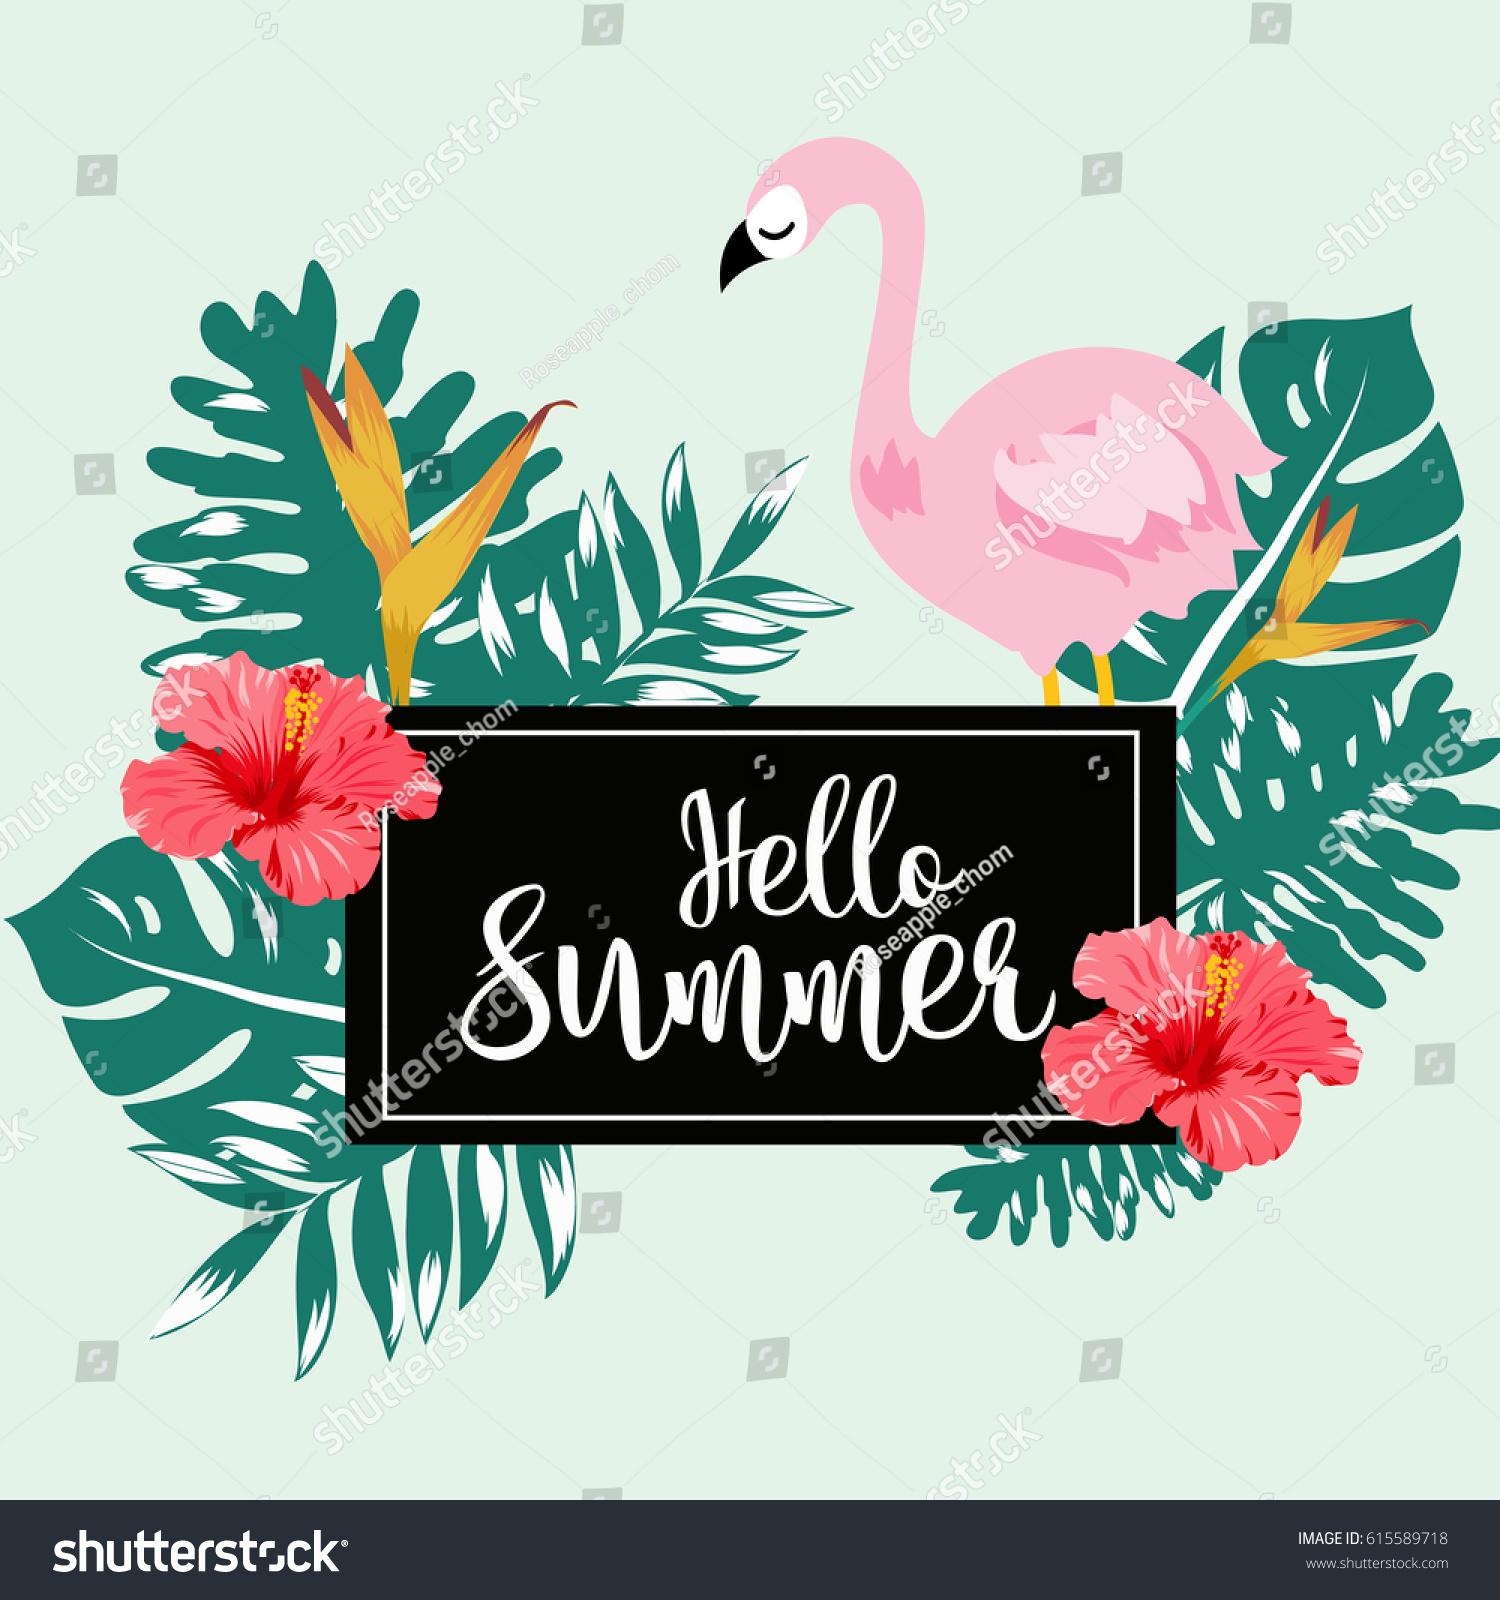 View Hello Summer SVG